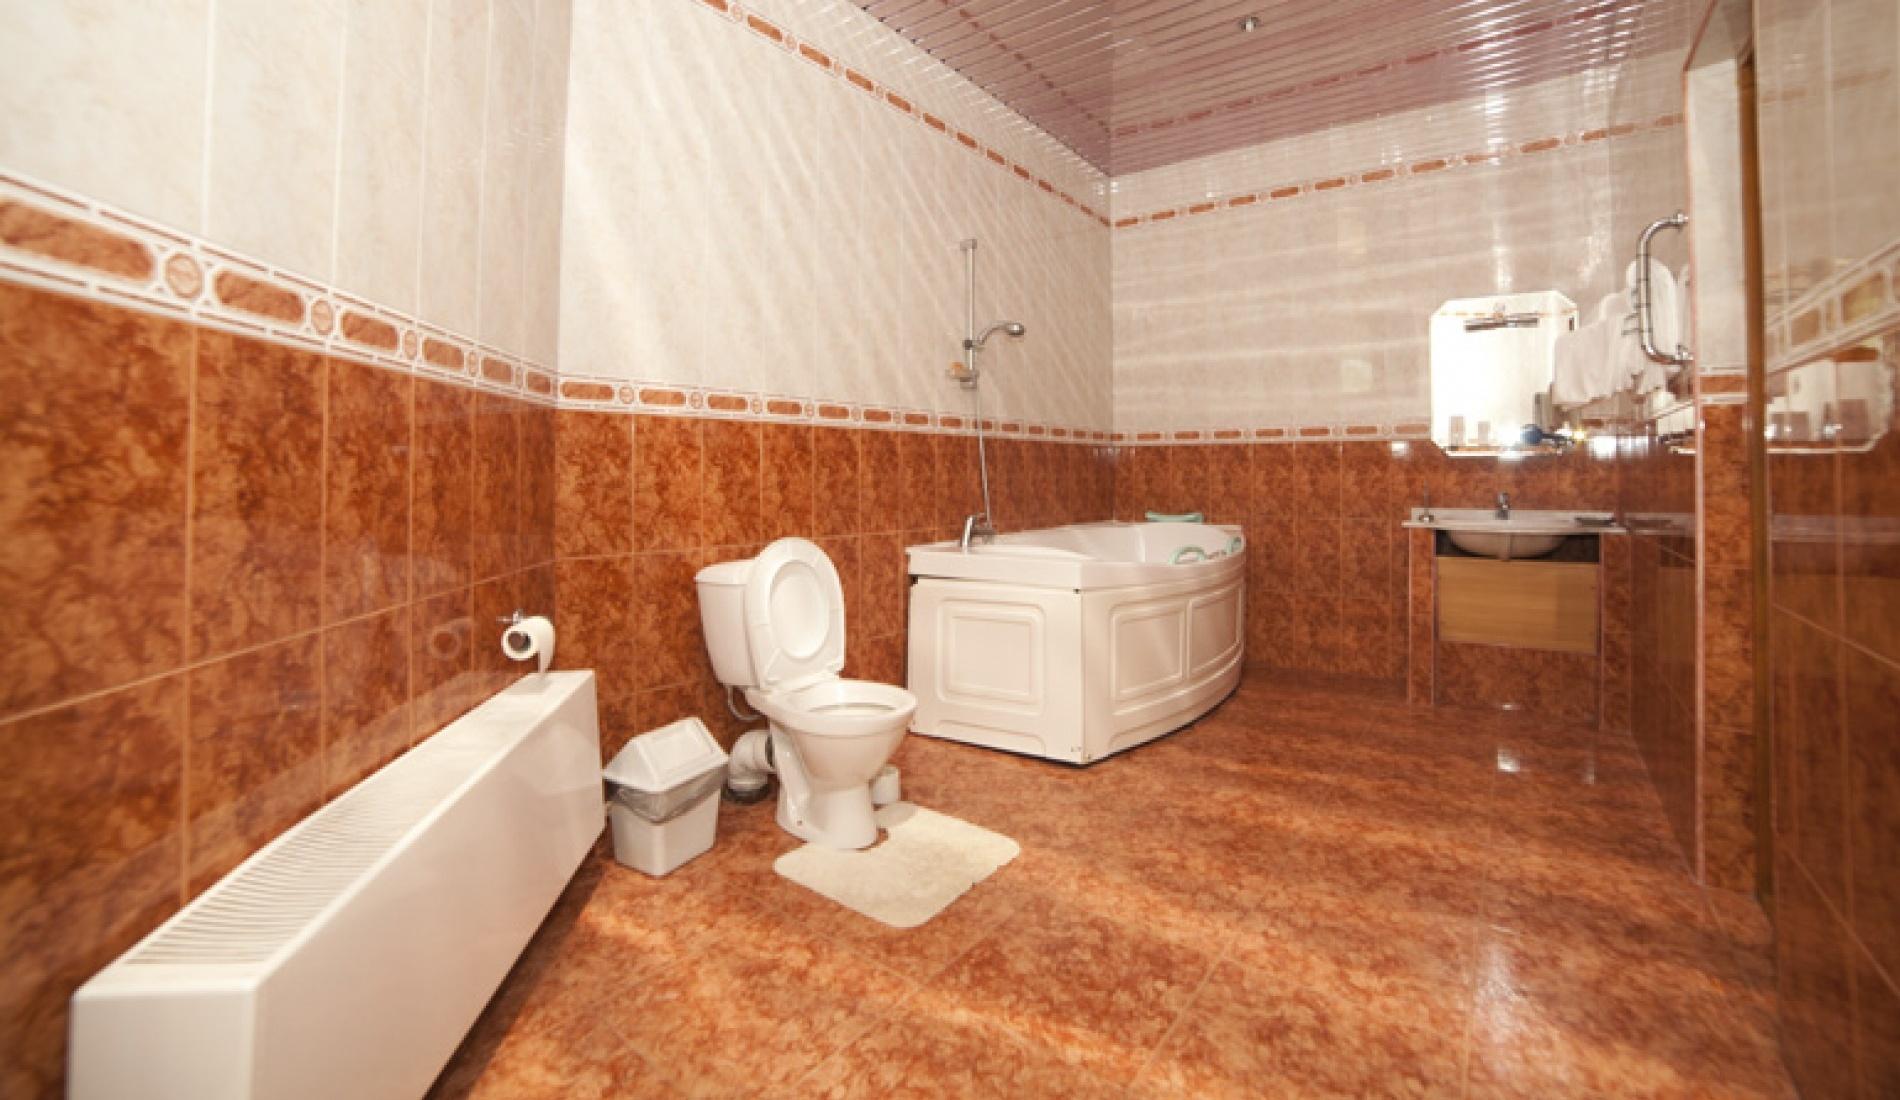 База отдыха «Улыбка» Белгородская область Номер «Люкс 2-комнатный» в коттедже, фото 2